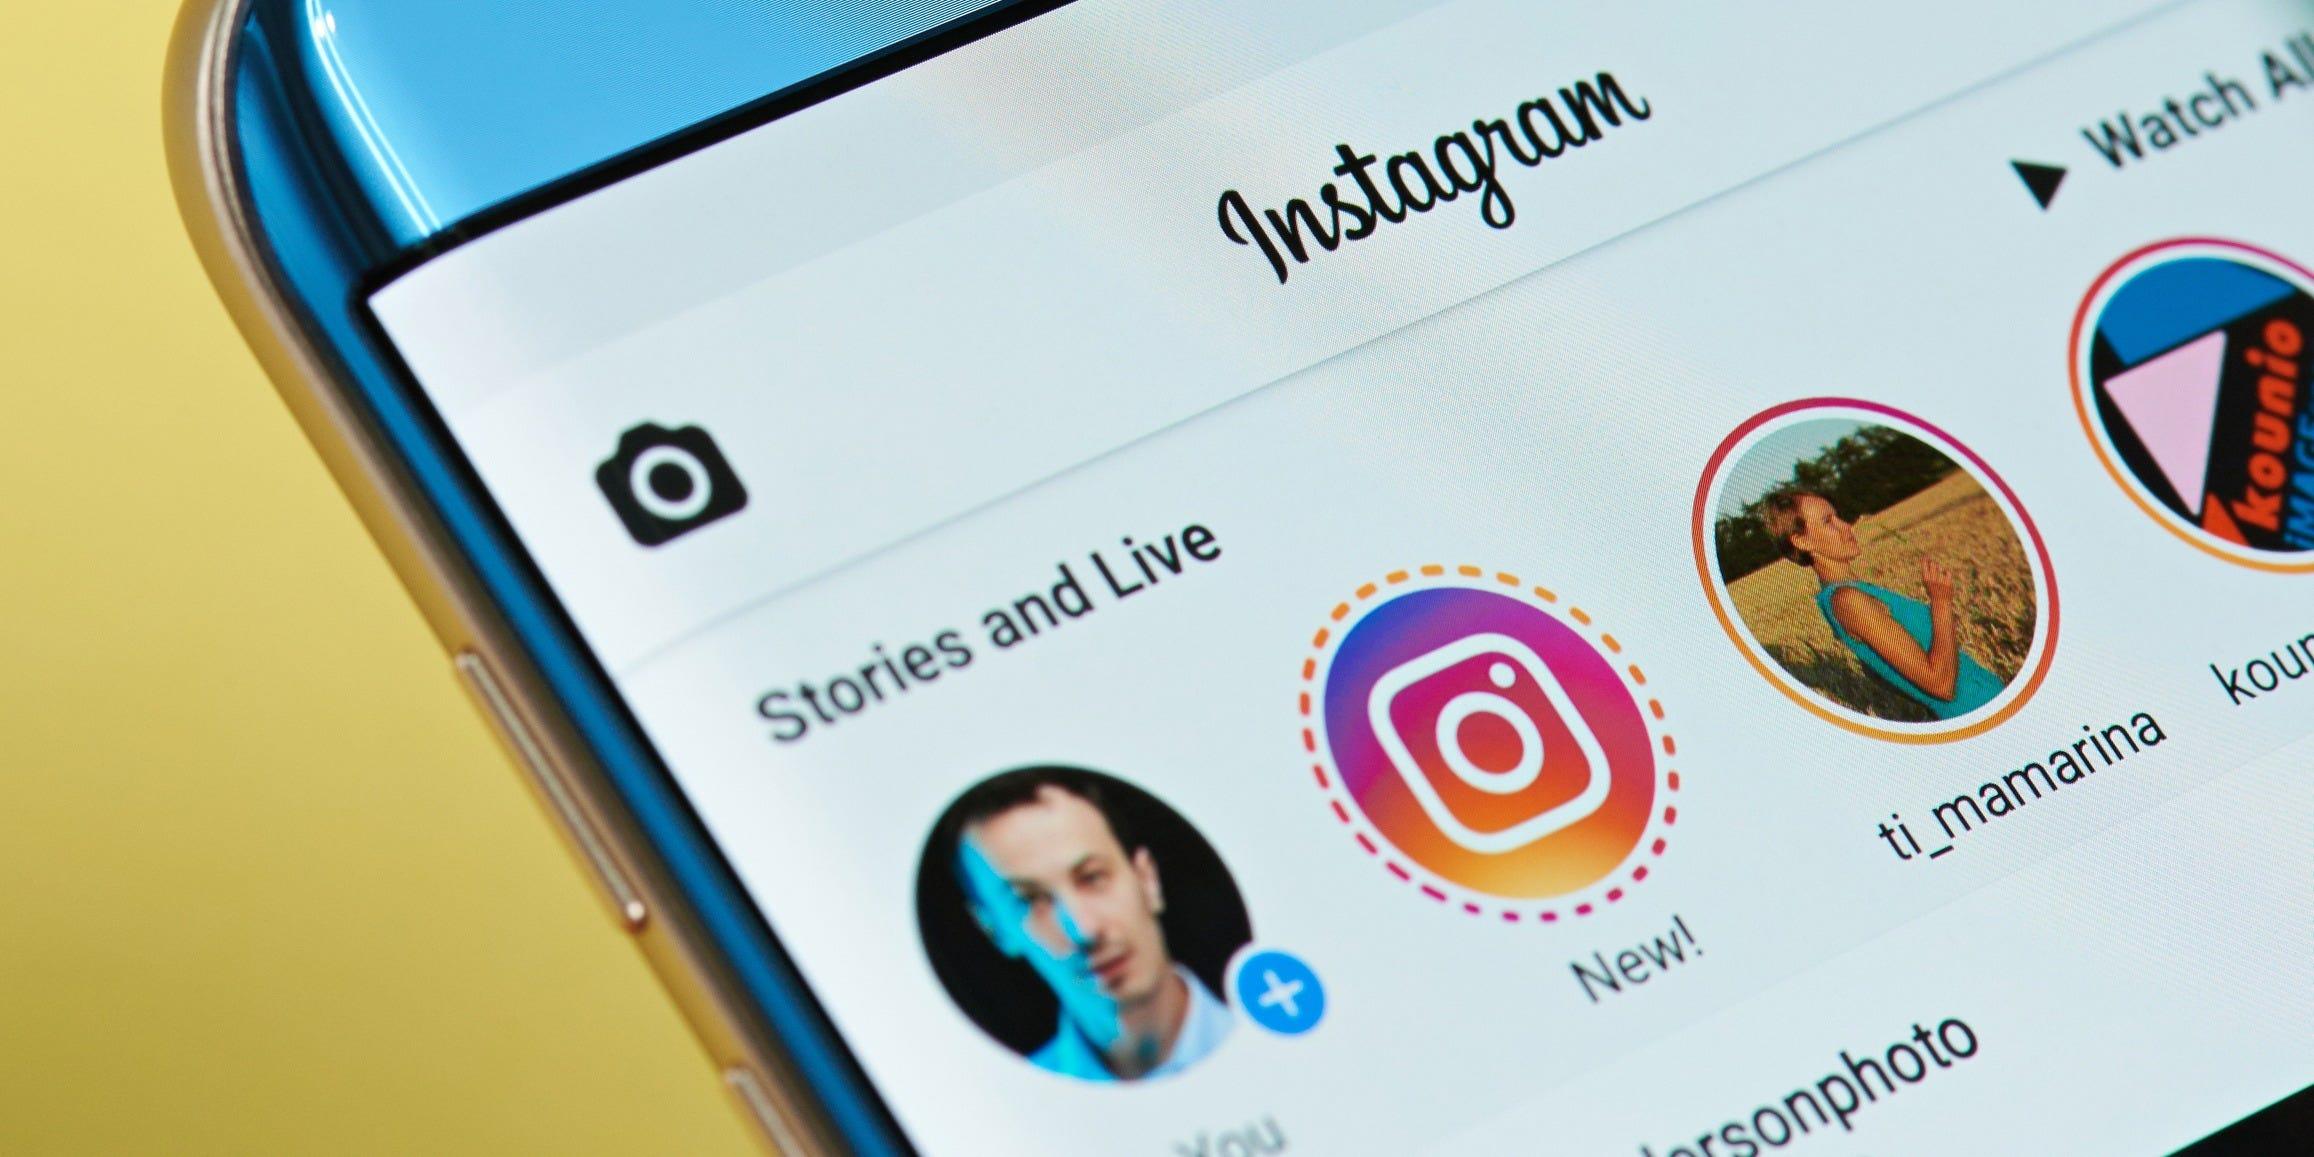 Instagram Umumkan Berbagai Fitur Baru untuk Atasi Ujaran Kebencian dan Rasisme